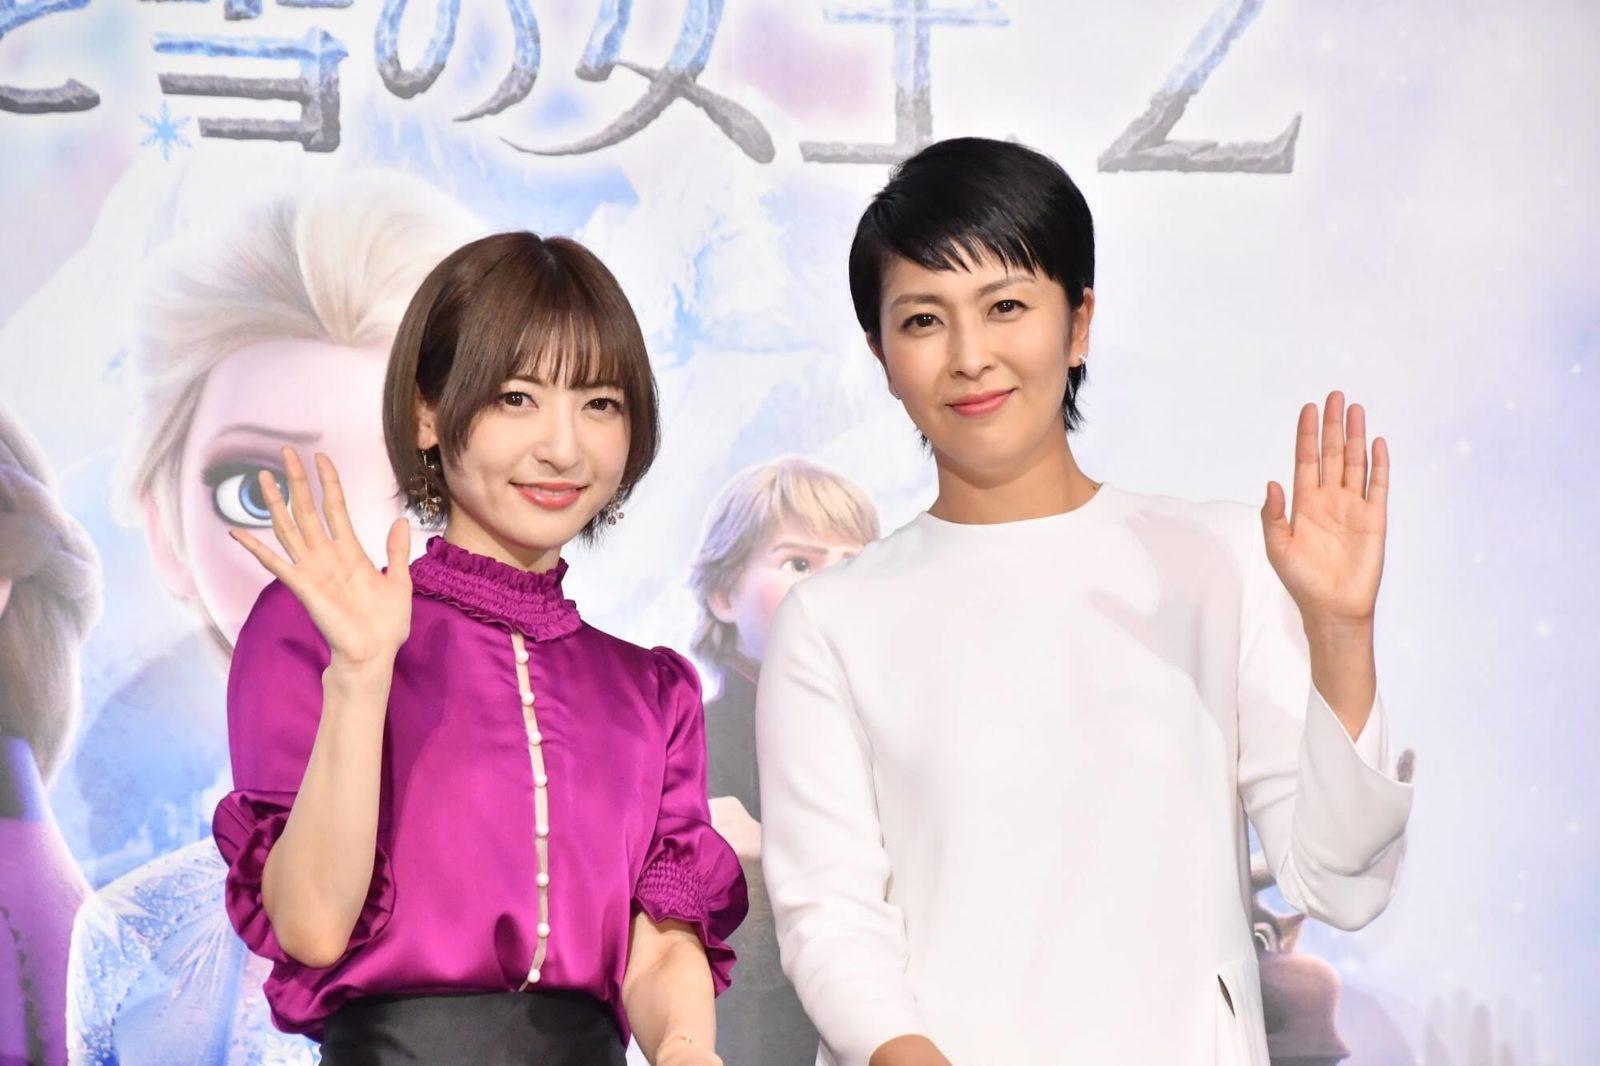 松たか子、「アナ雪2」日本版声優への本音を明かす…「『できない』と言えない自分もいます」サムネイル画像